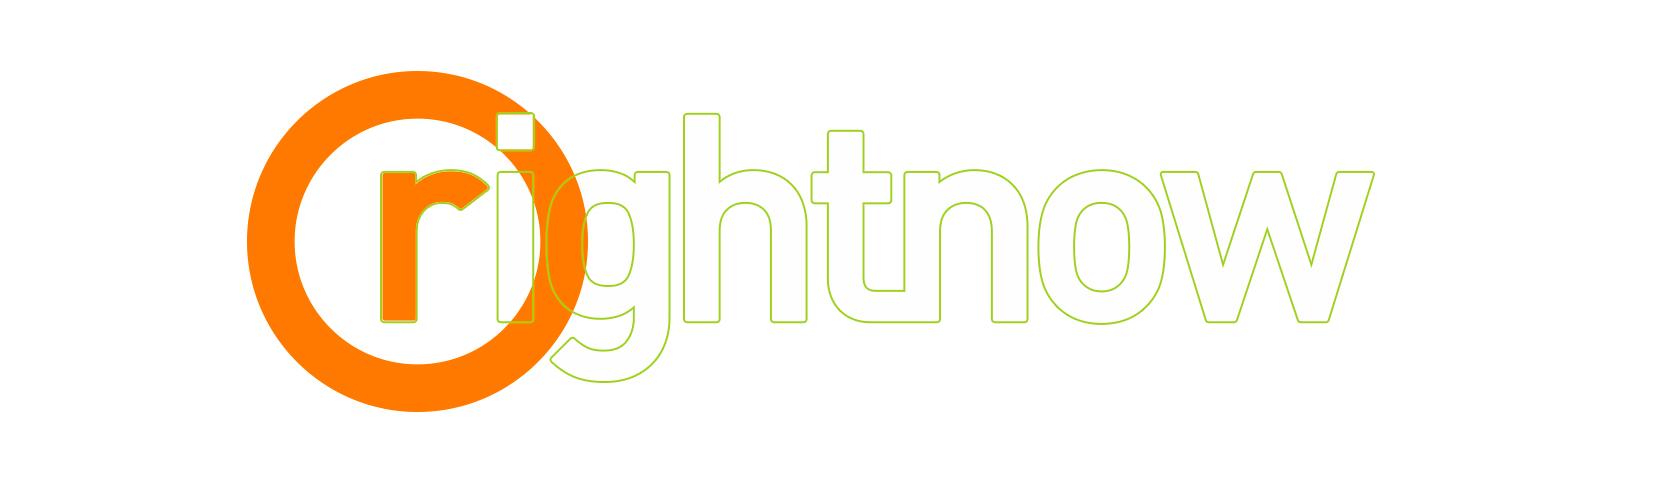 R-Logo-Concept_03.jpg